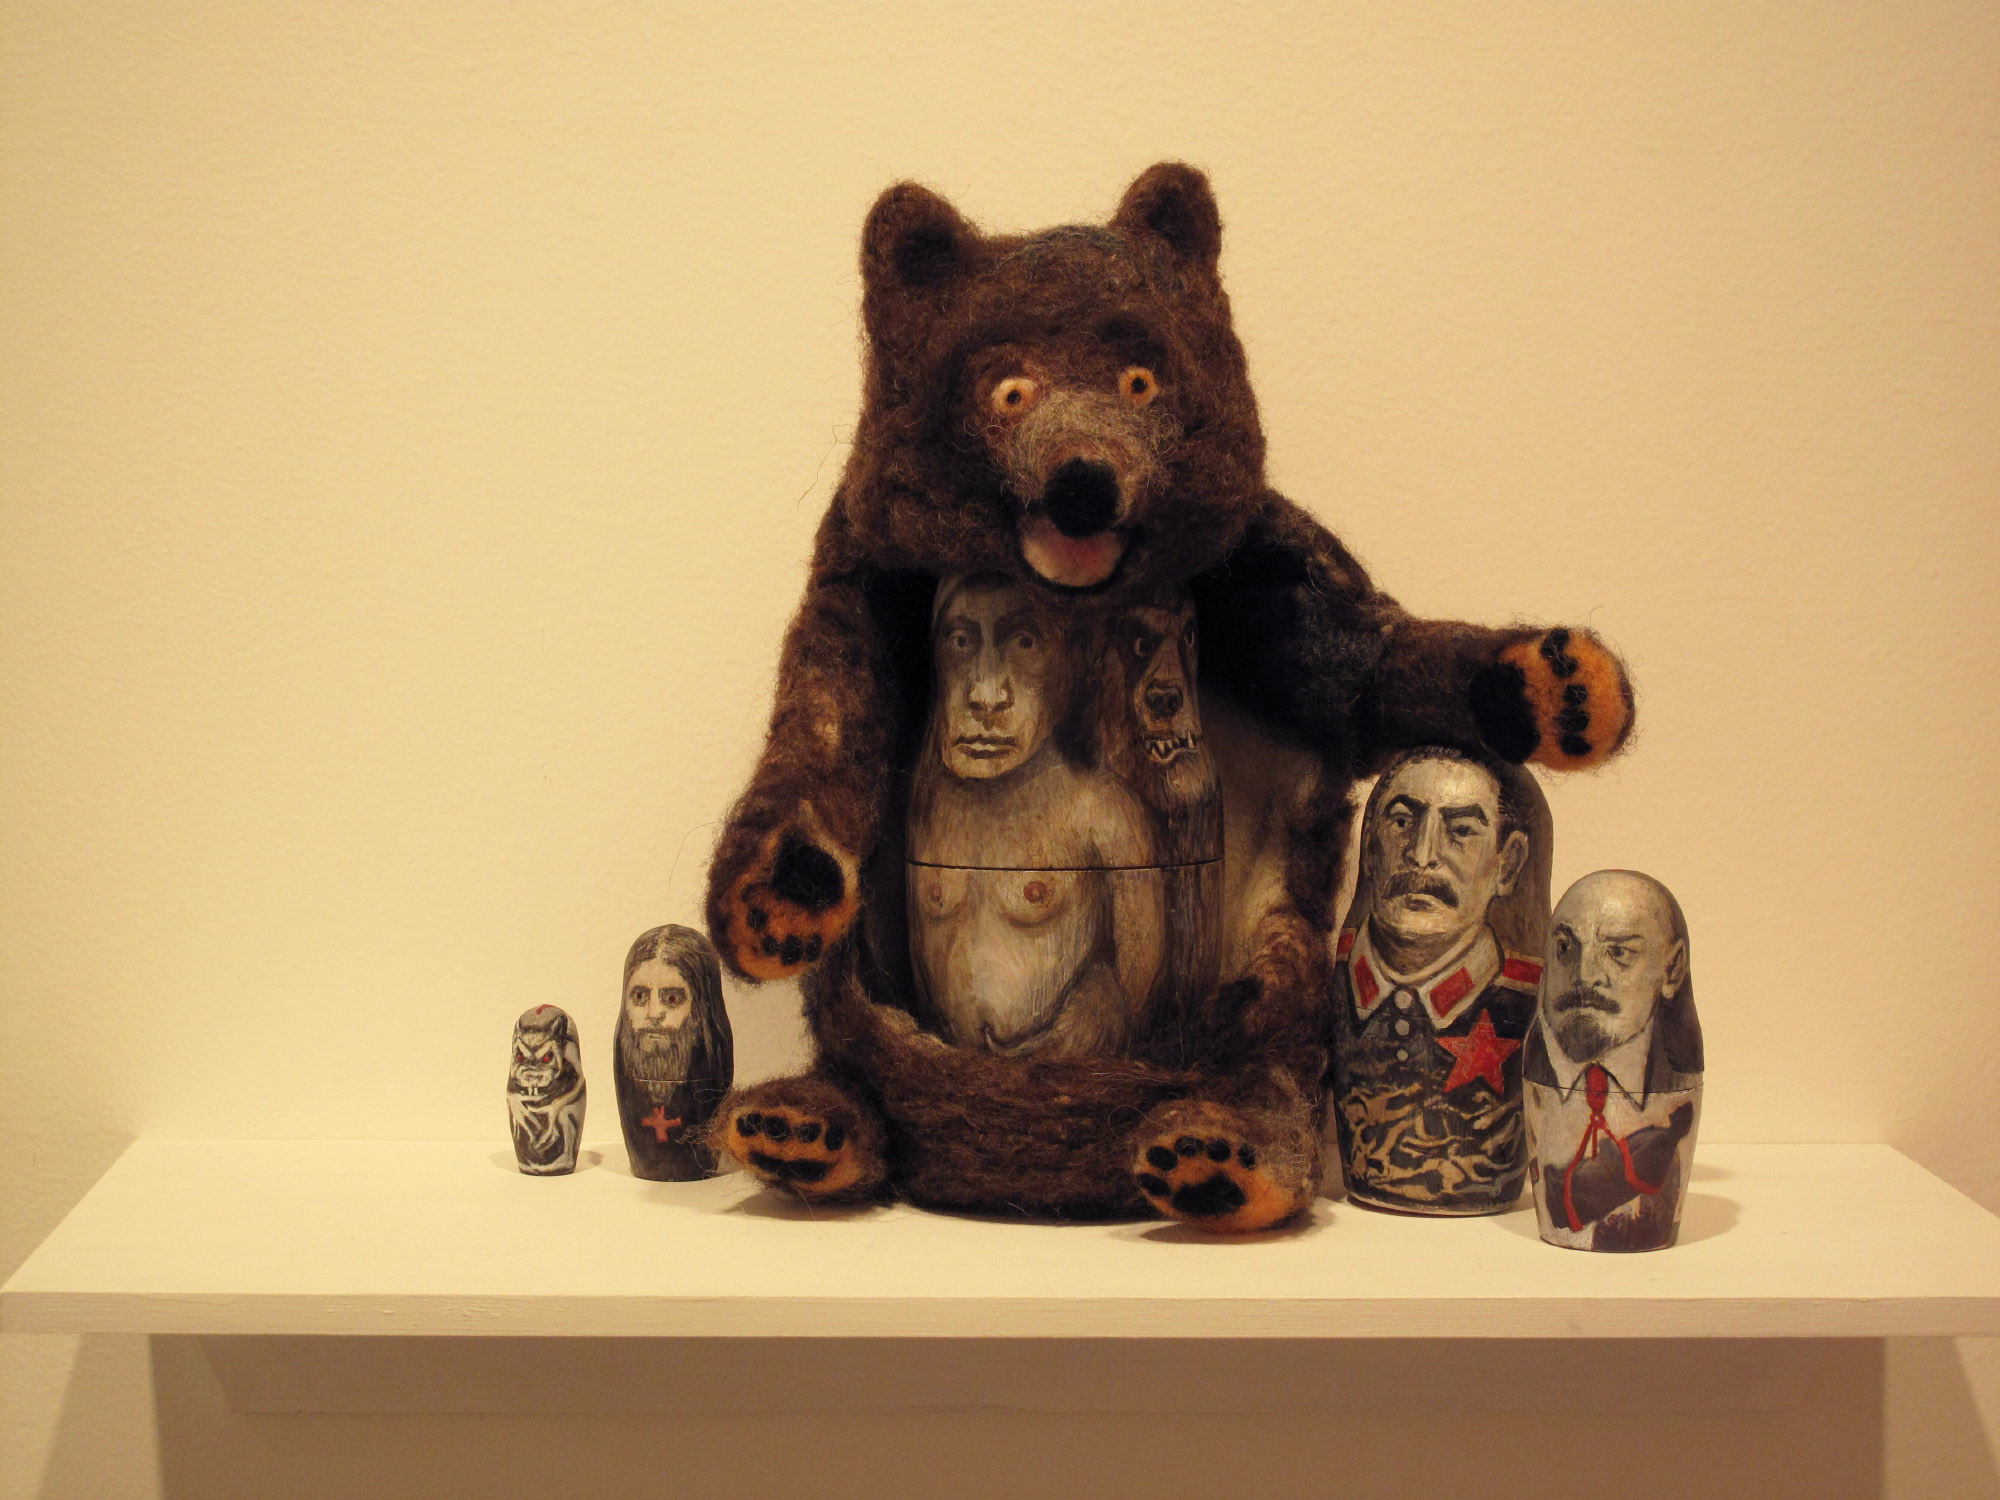 2be(3) - Bear (T)hugs, installed at HG Gallery, 2015.jpg